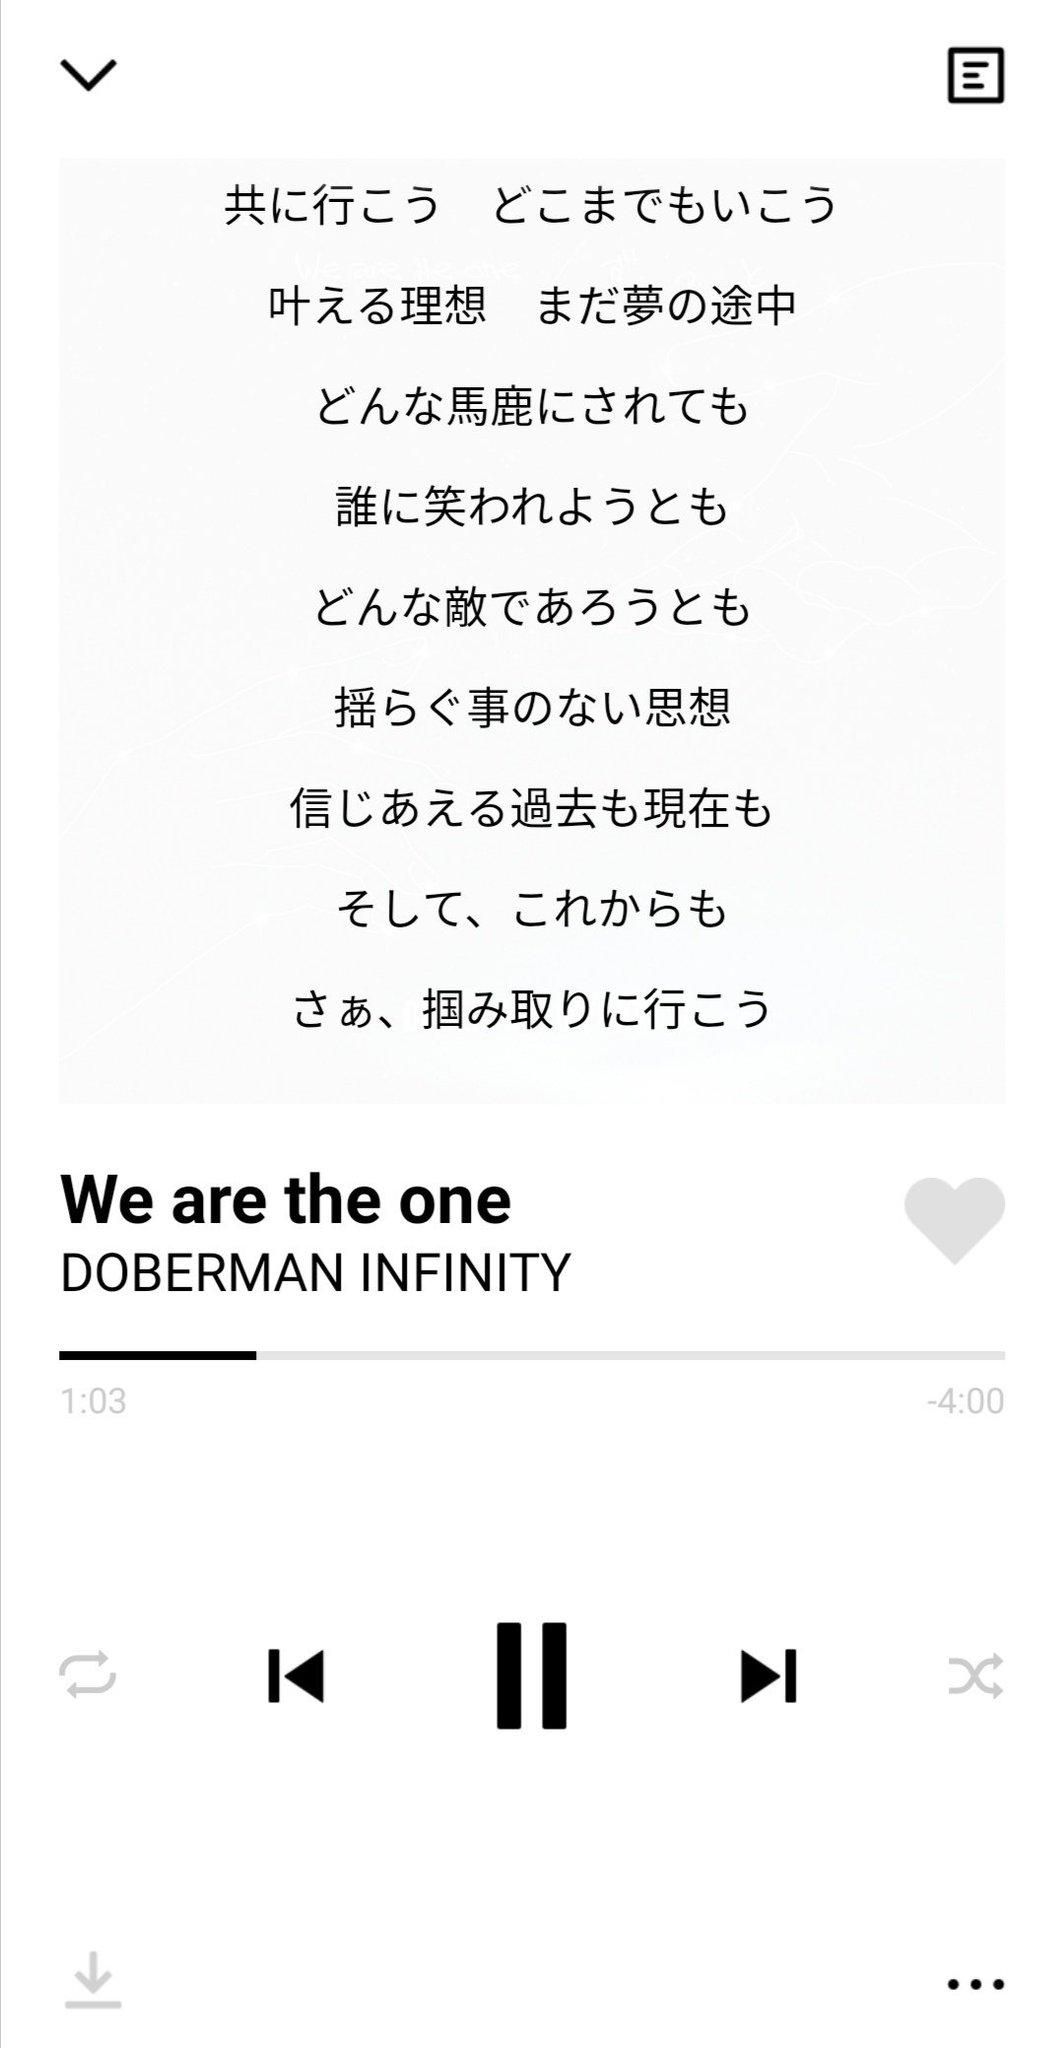 インフィニティ 歌詞 ドーベルマン 徹底解説!ドーベルマンインフィニティの人気メンバーや彼女・性格・曲